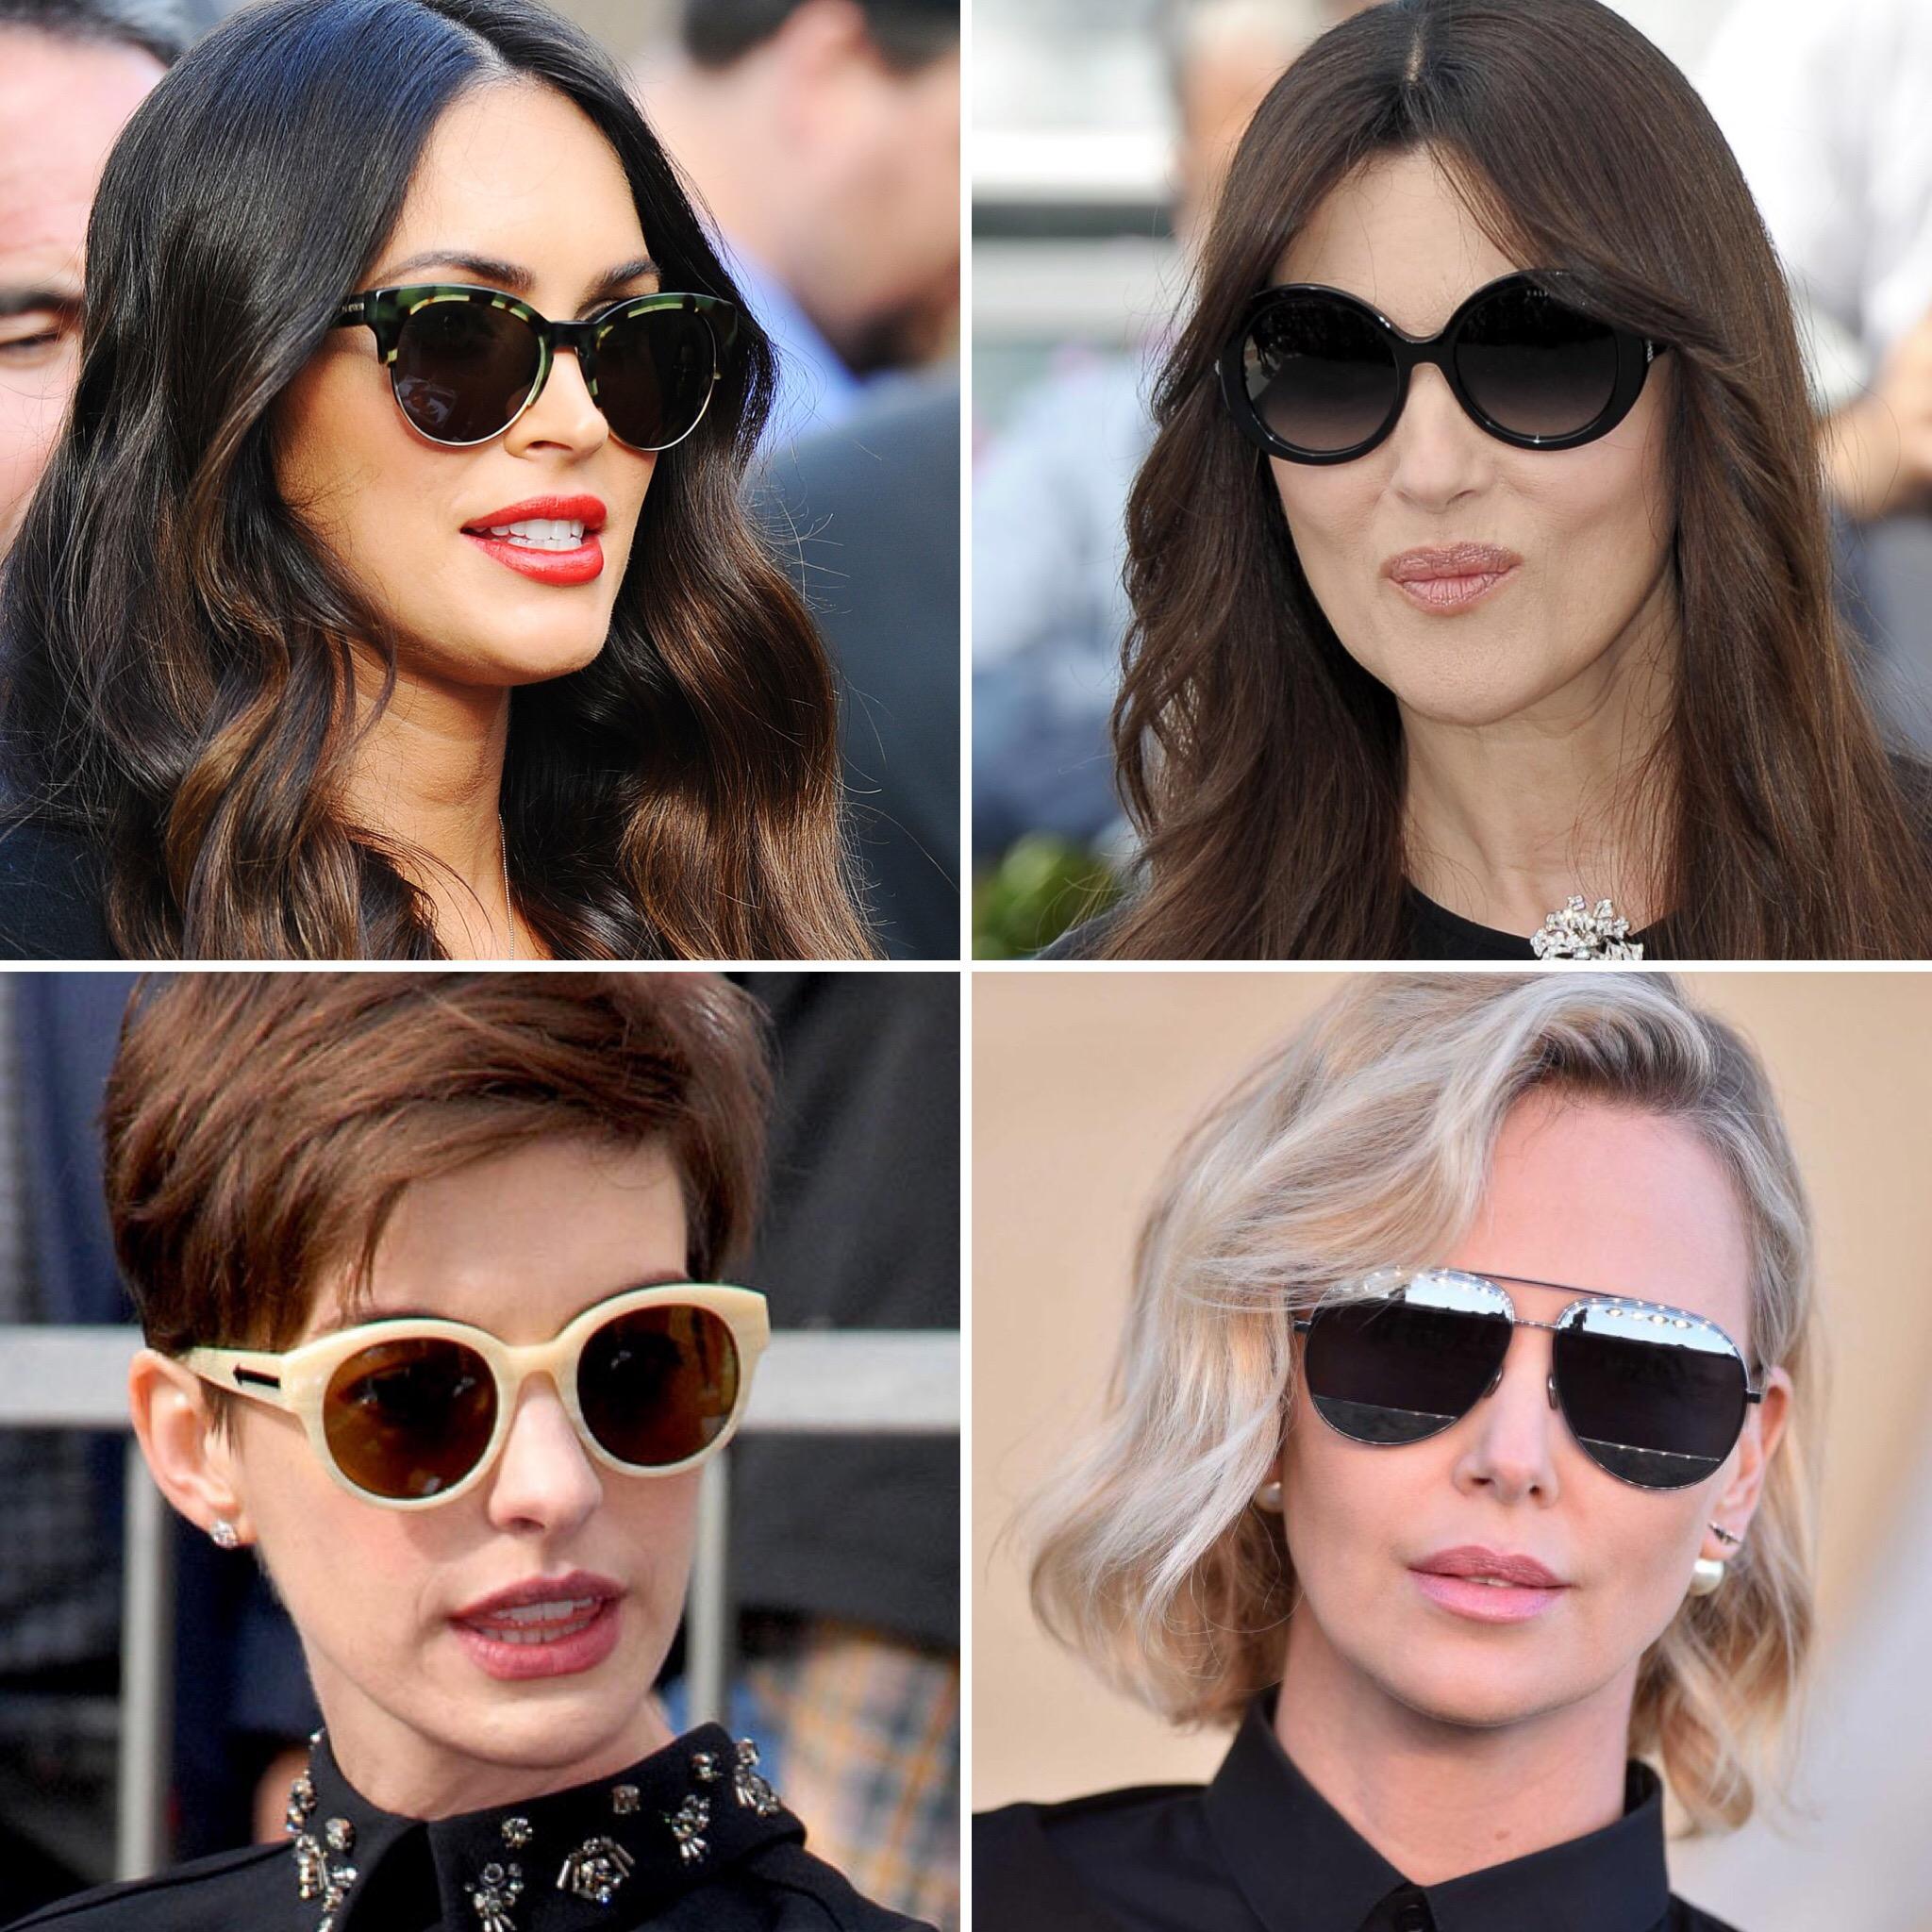 Occhiali Da Come Sole Scegliere Gli Di Consulente Immagine ratAEtwxq